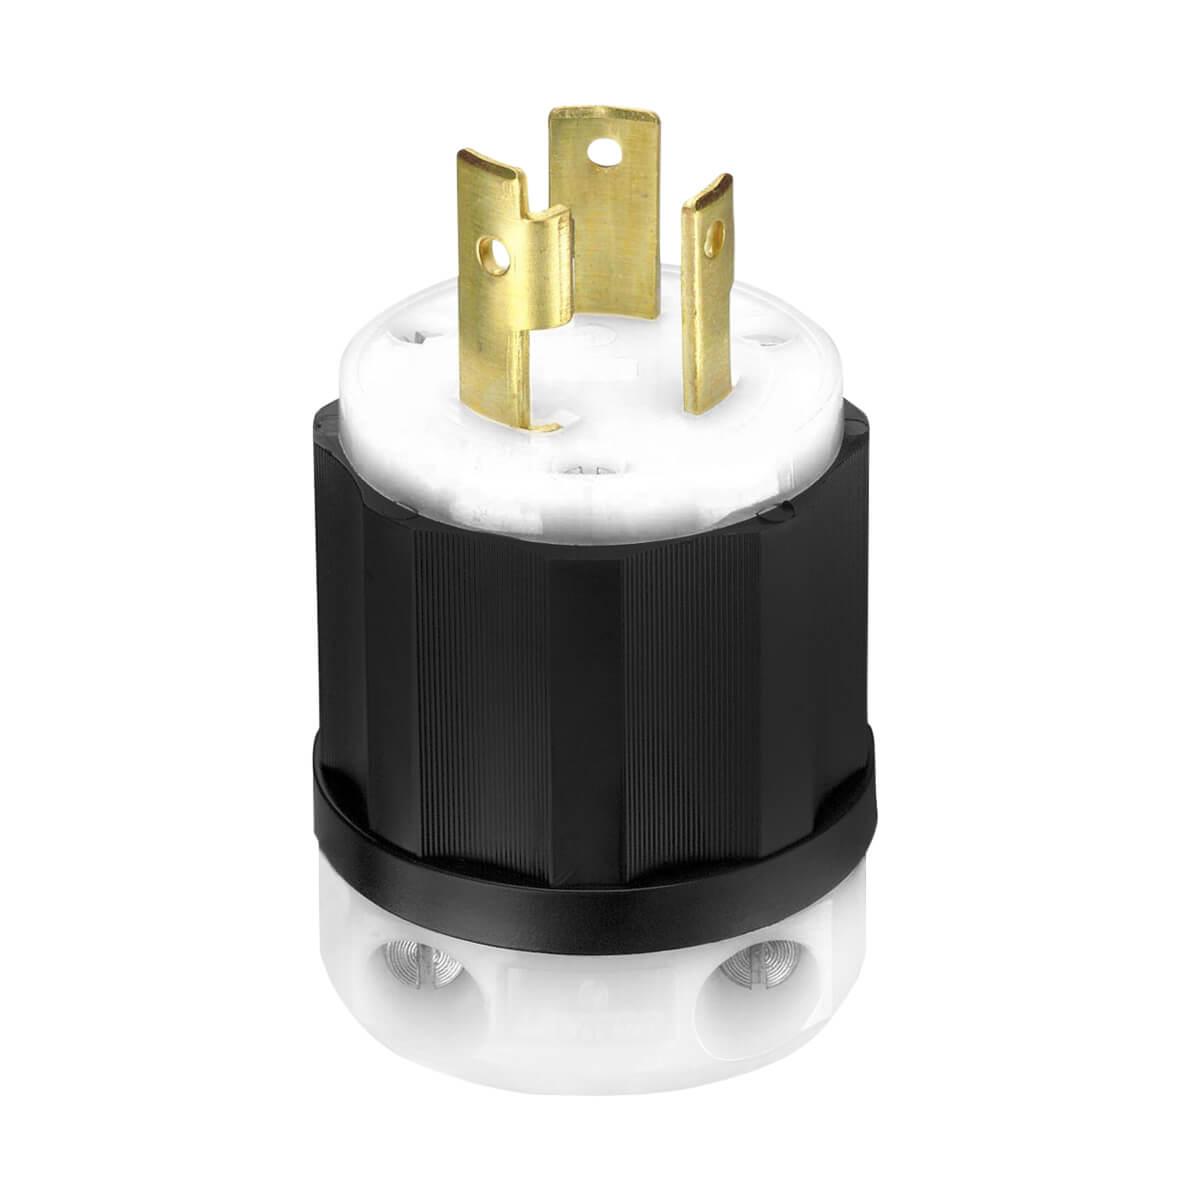 Leviton Locking Plug - 30A 125V